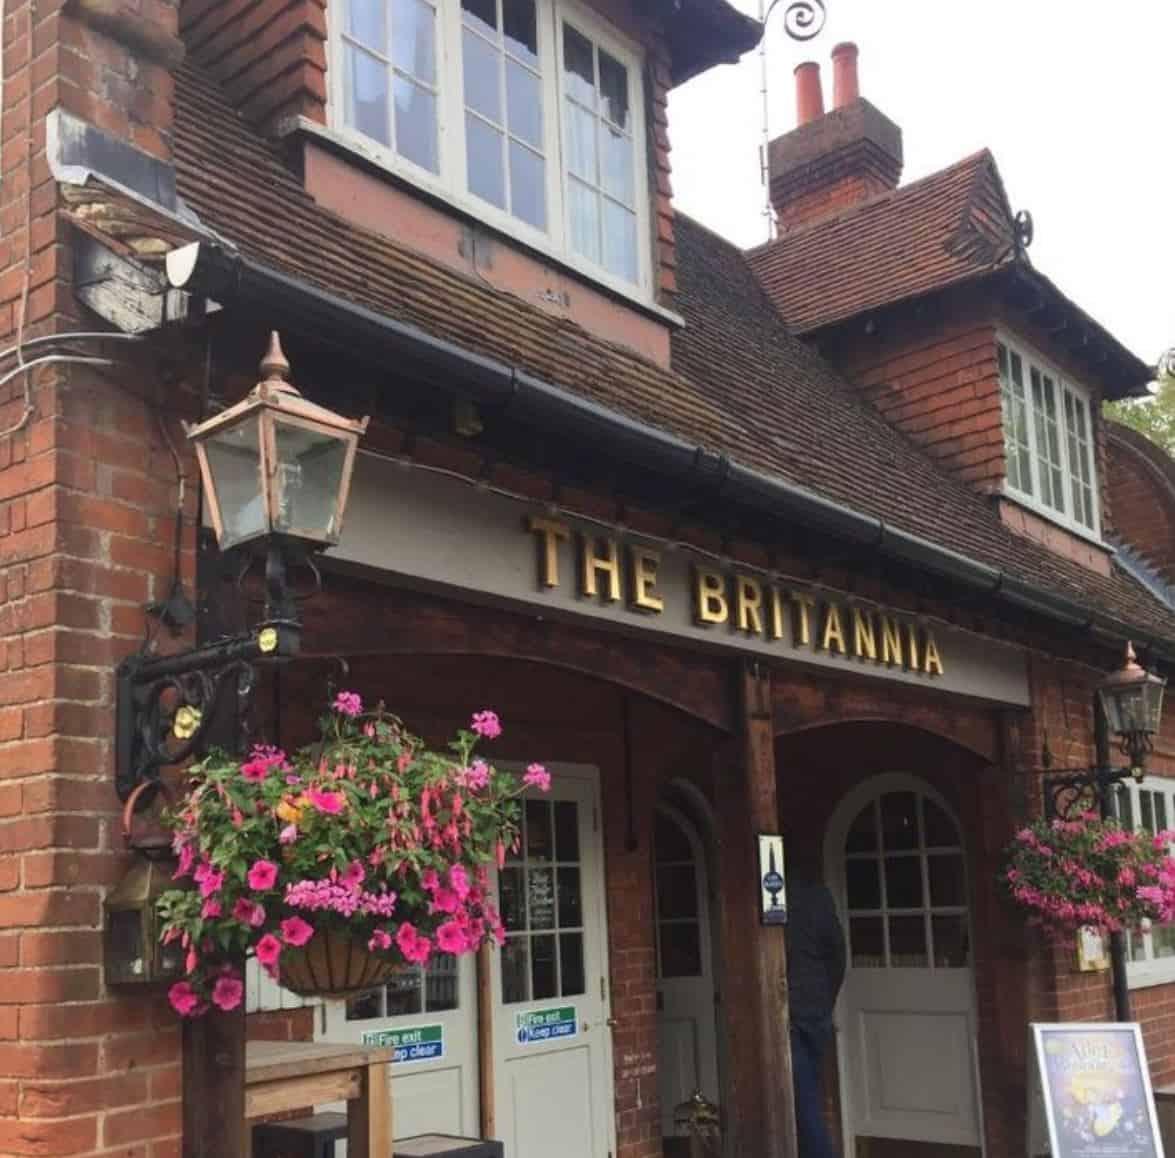 The Britannia Pub